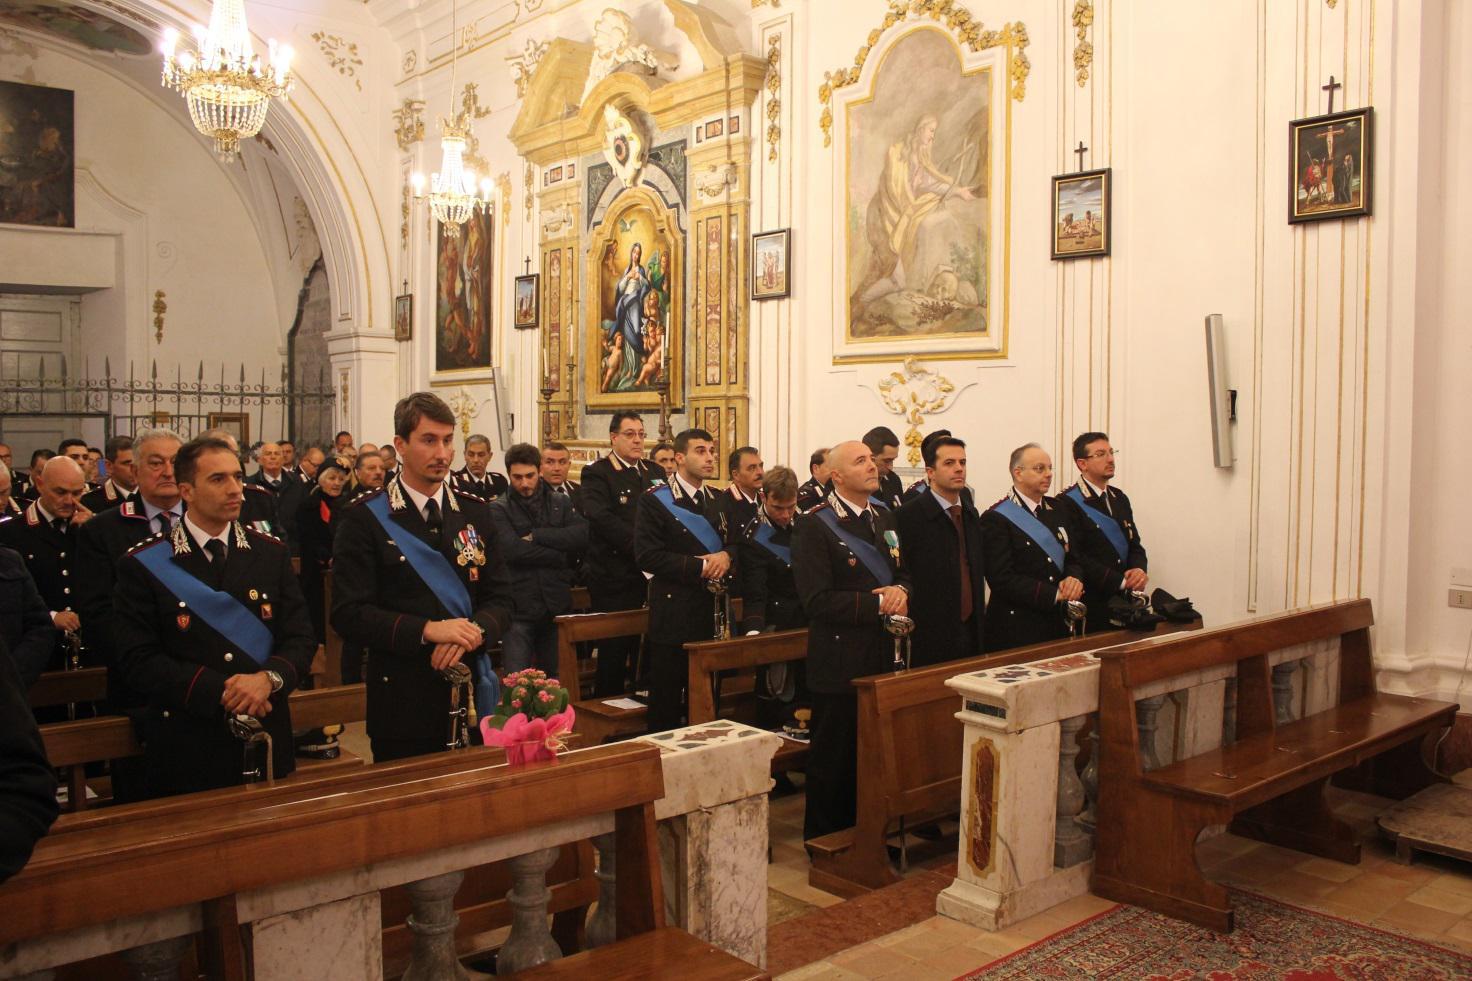 carabinieri Virgo Fidelis SSQ 1